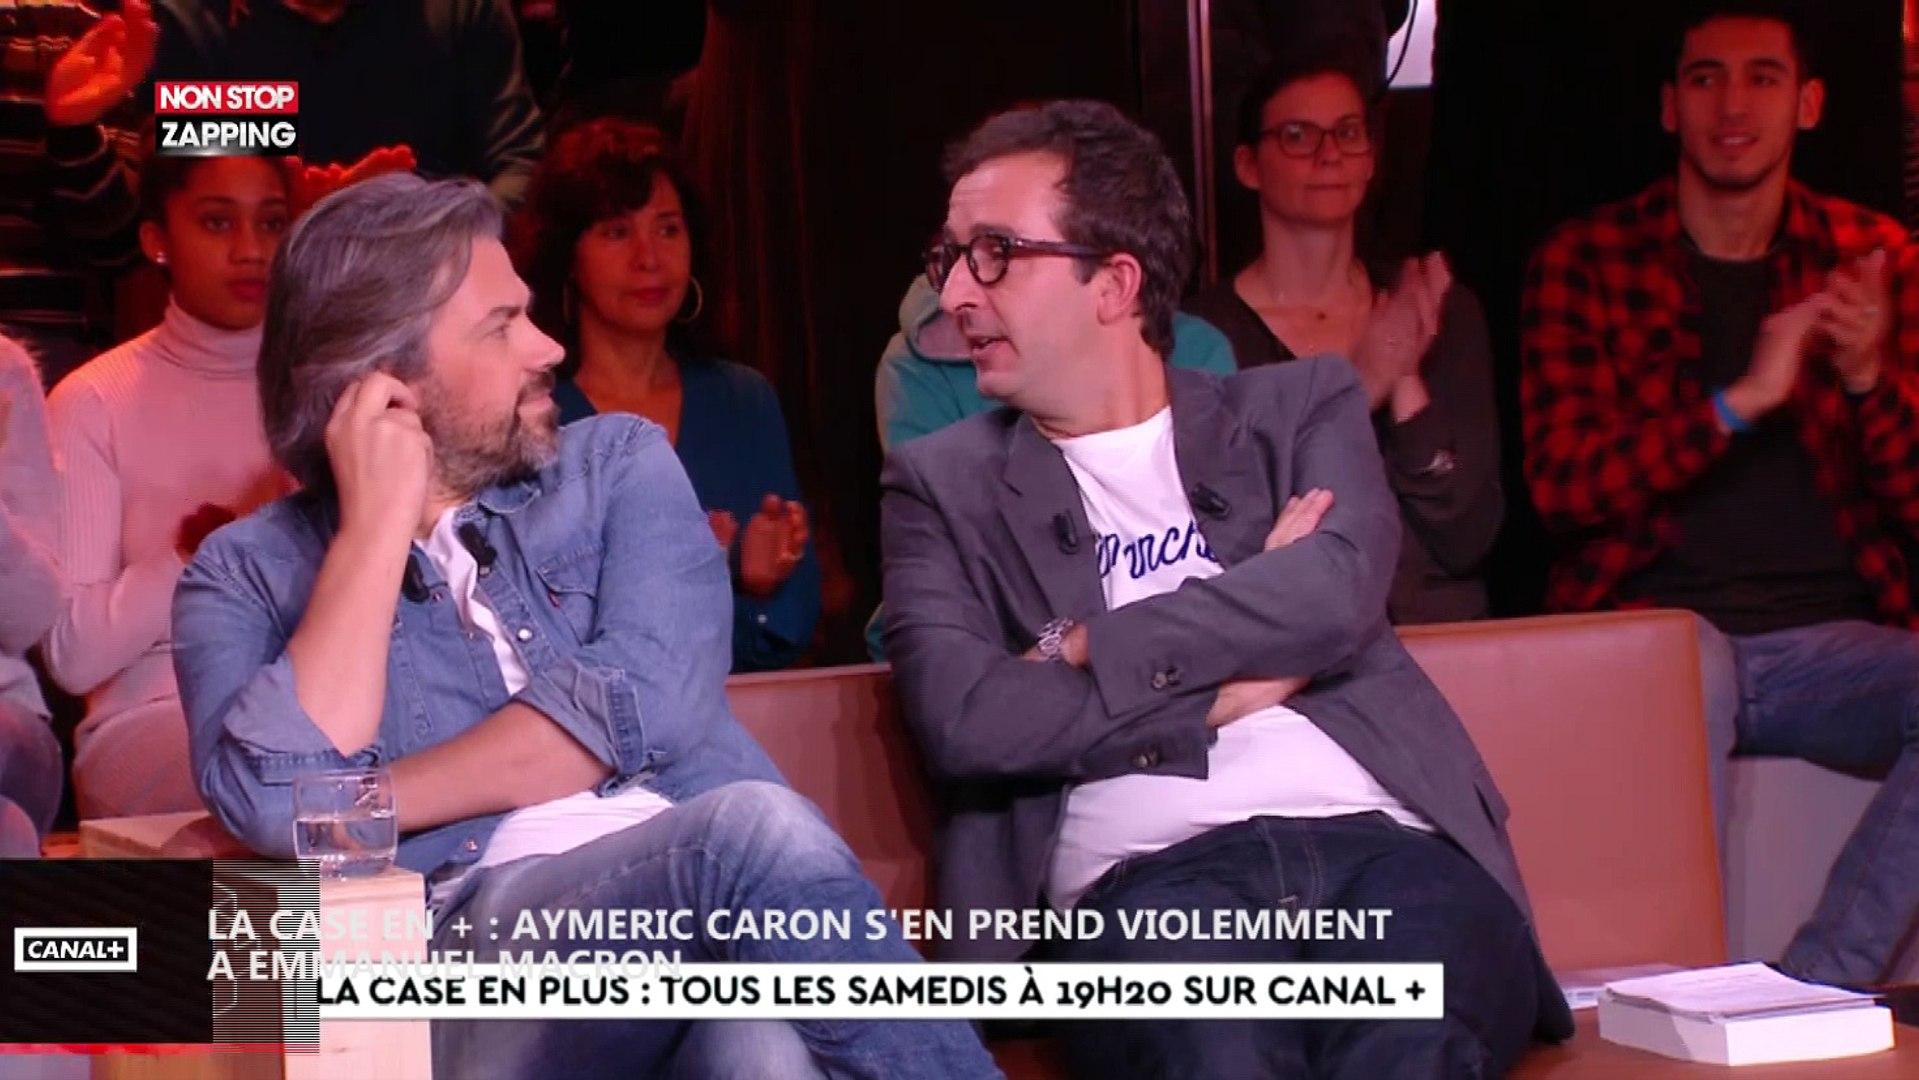 Aymeric Caron s'en prend violemment à Emmanuel Macron dans